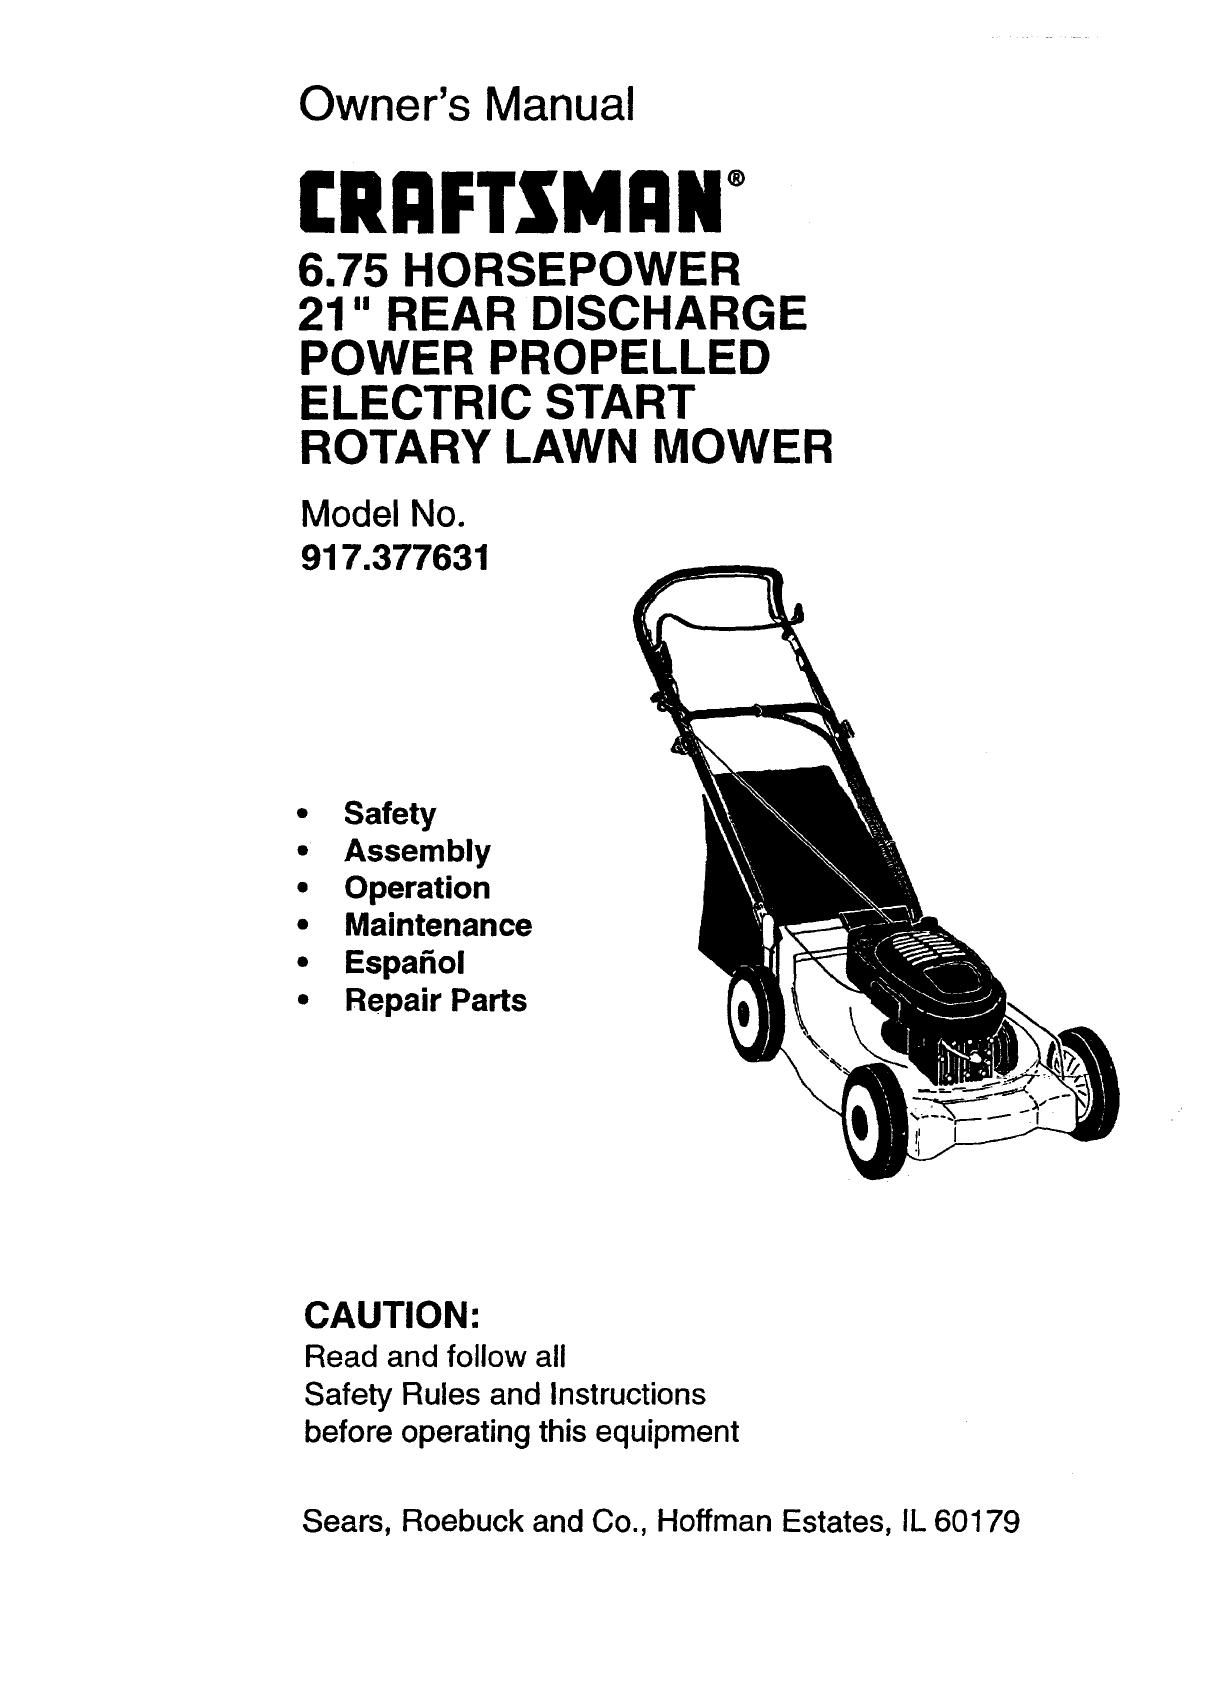 Craftsman 6.5 Hp Lawn Mower Manual : Craftsman Mower